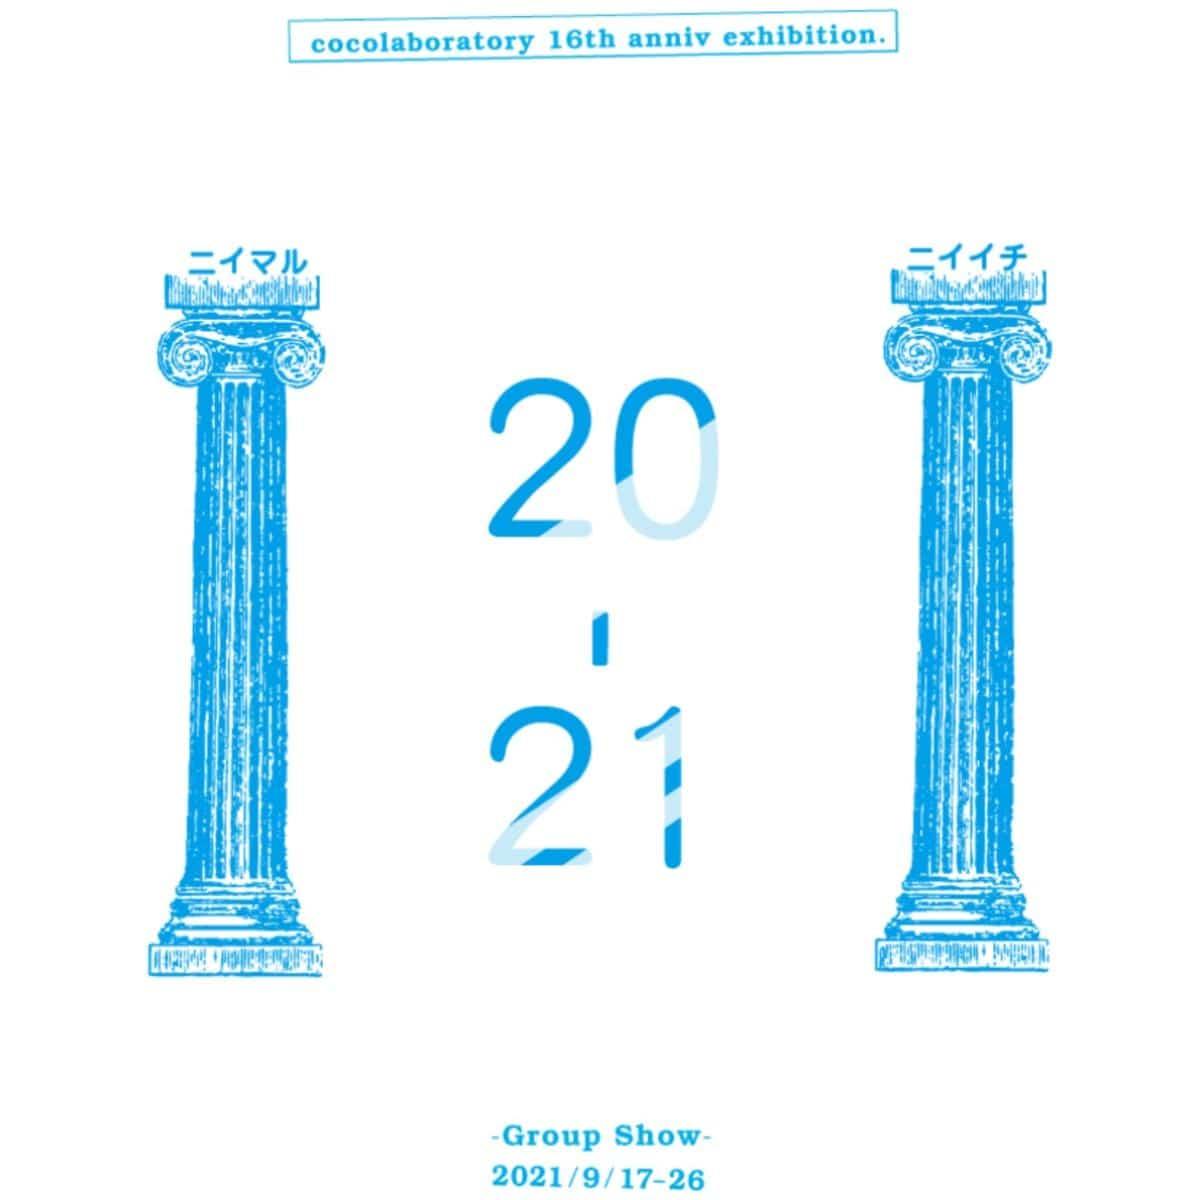 秋田市大町のアートスペース・ココラボラトリー開設16周年記念企画展「20-21(ニイマルニイイチ)」イメージ